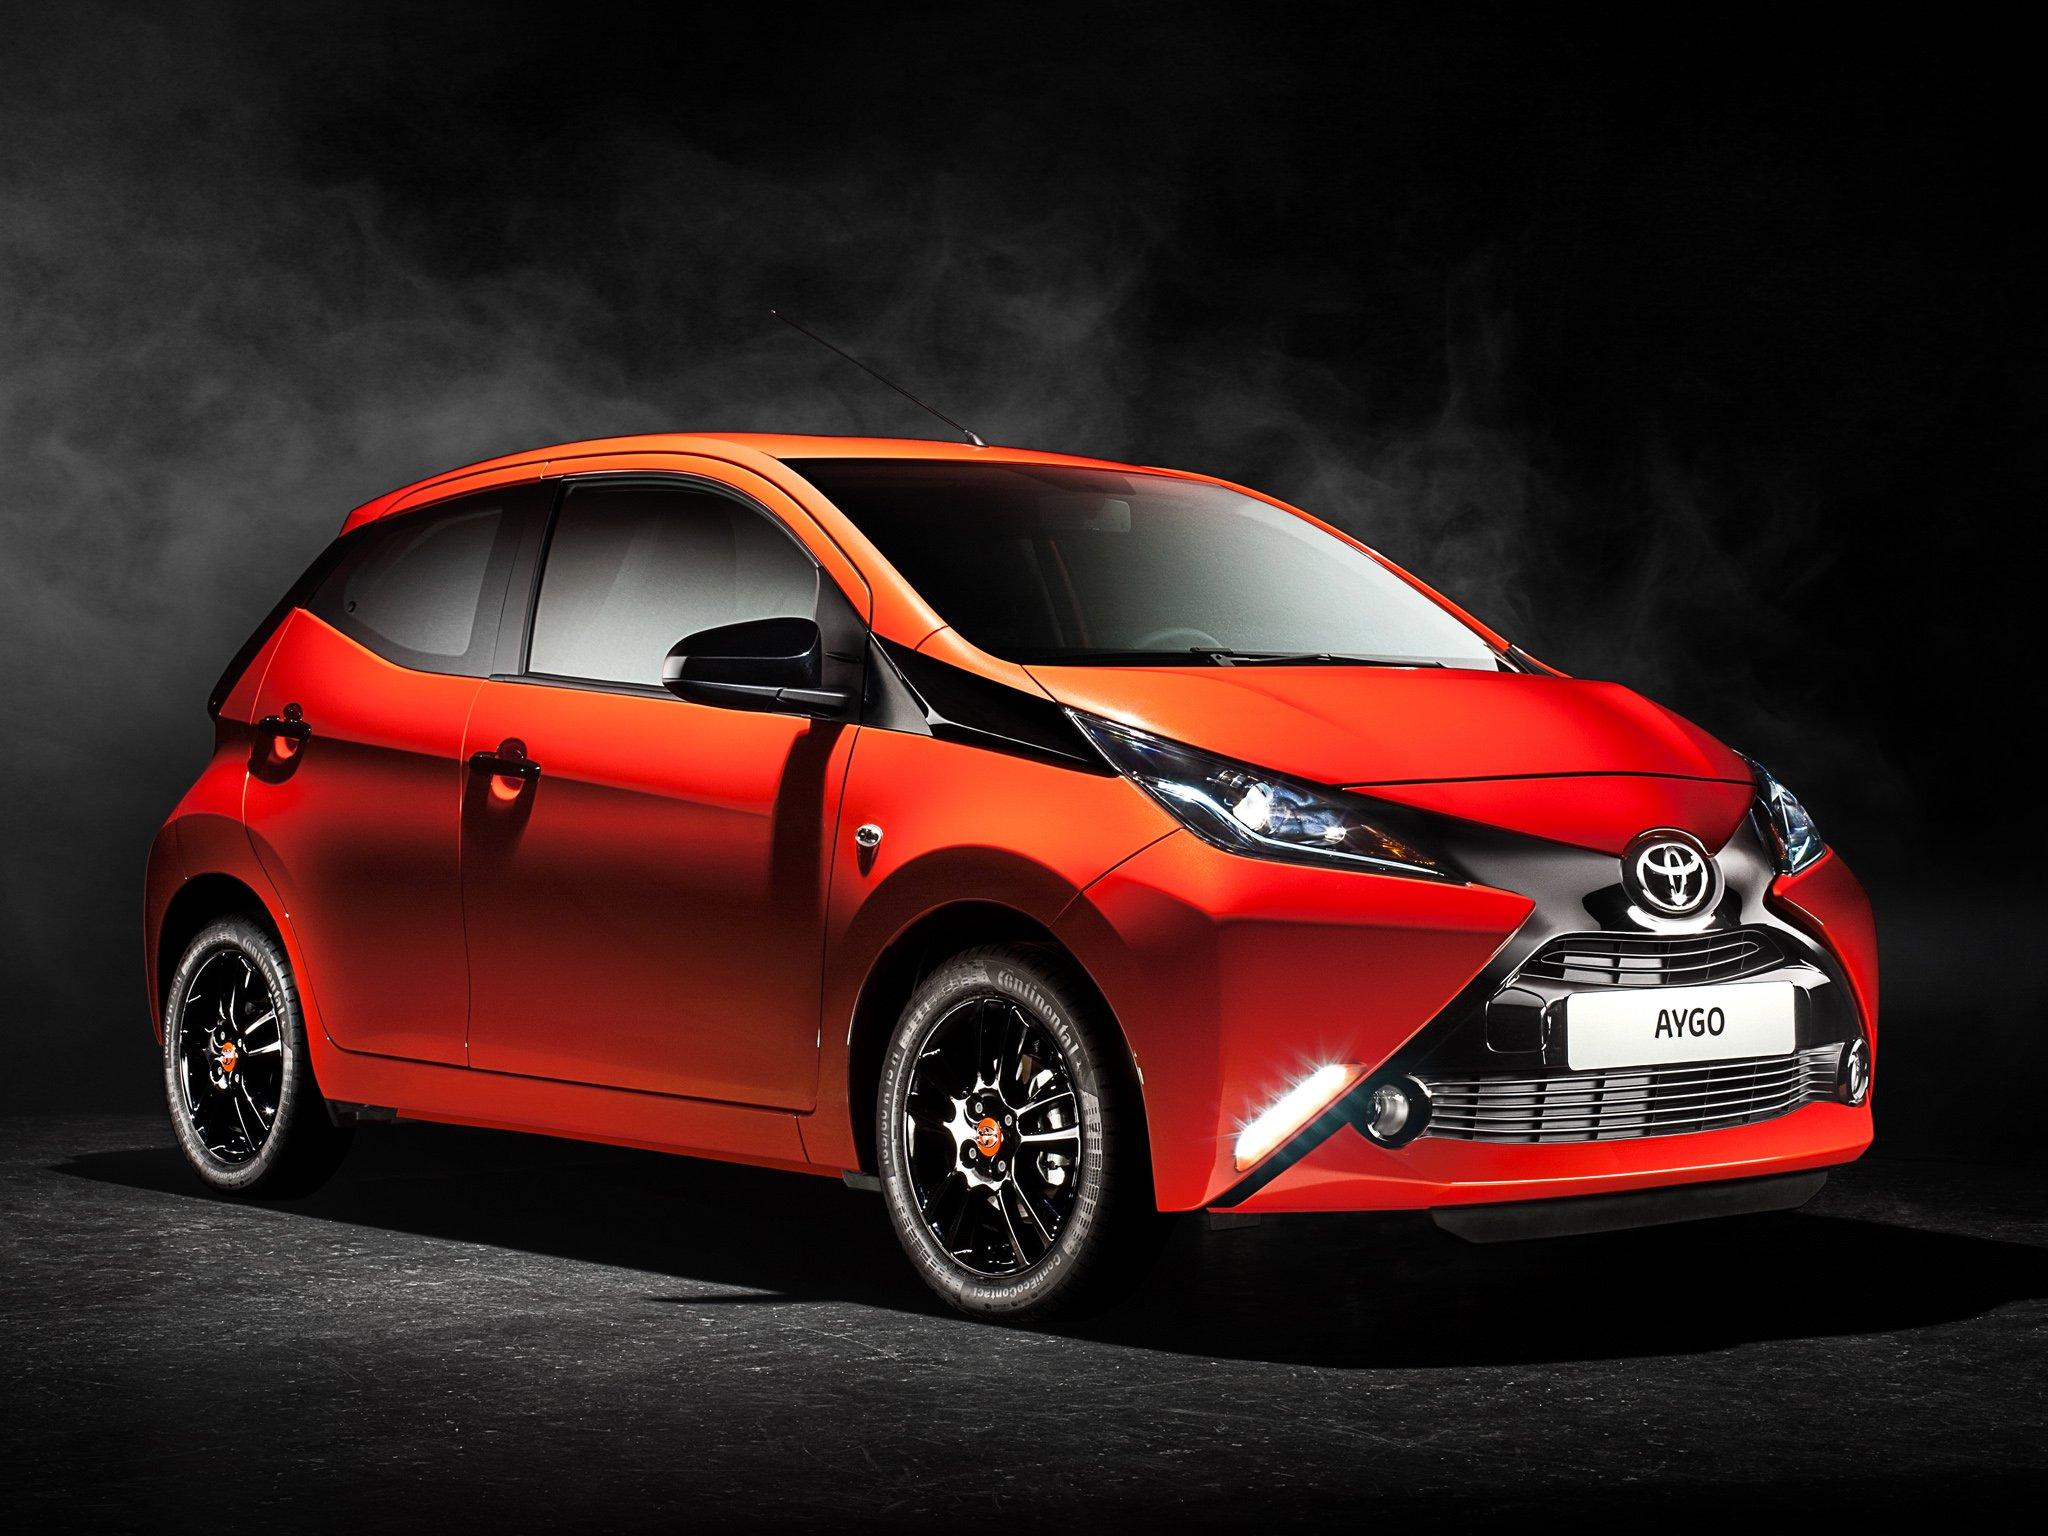 2014 Toyota Aygo 5 door g wallpaper 2048x1536 287863 WallpaperUP 2048x1536